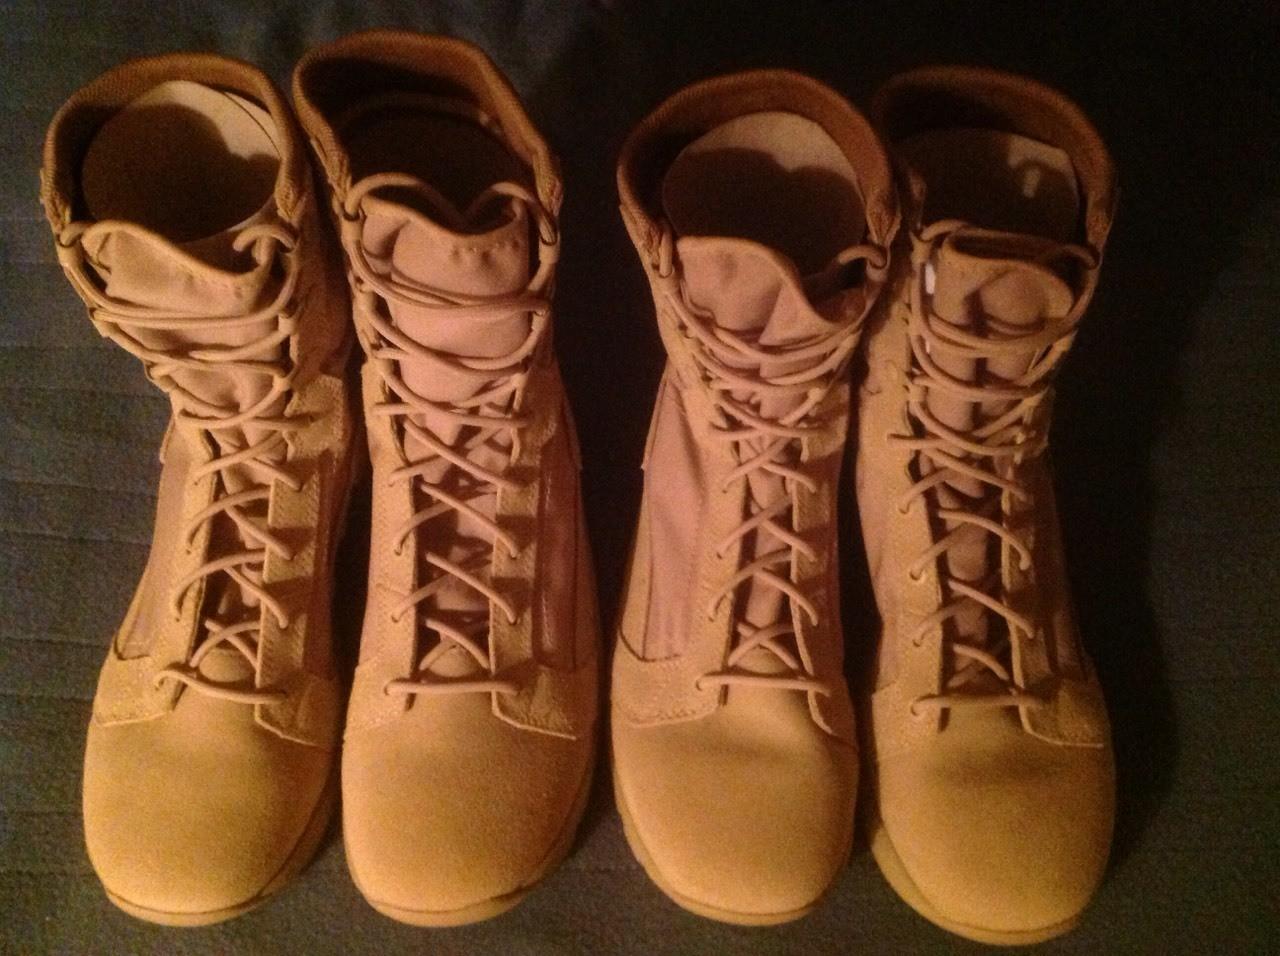 I got my new combat Boots